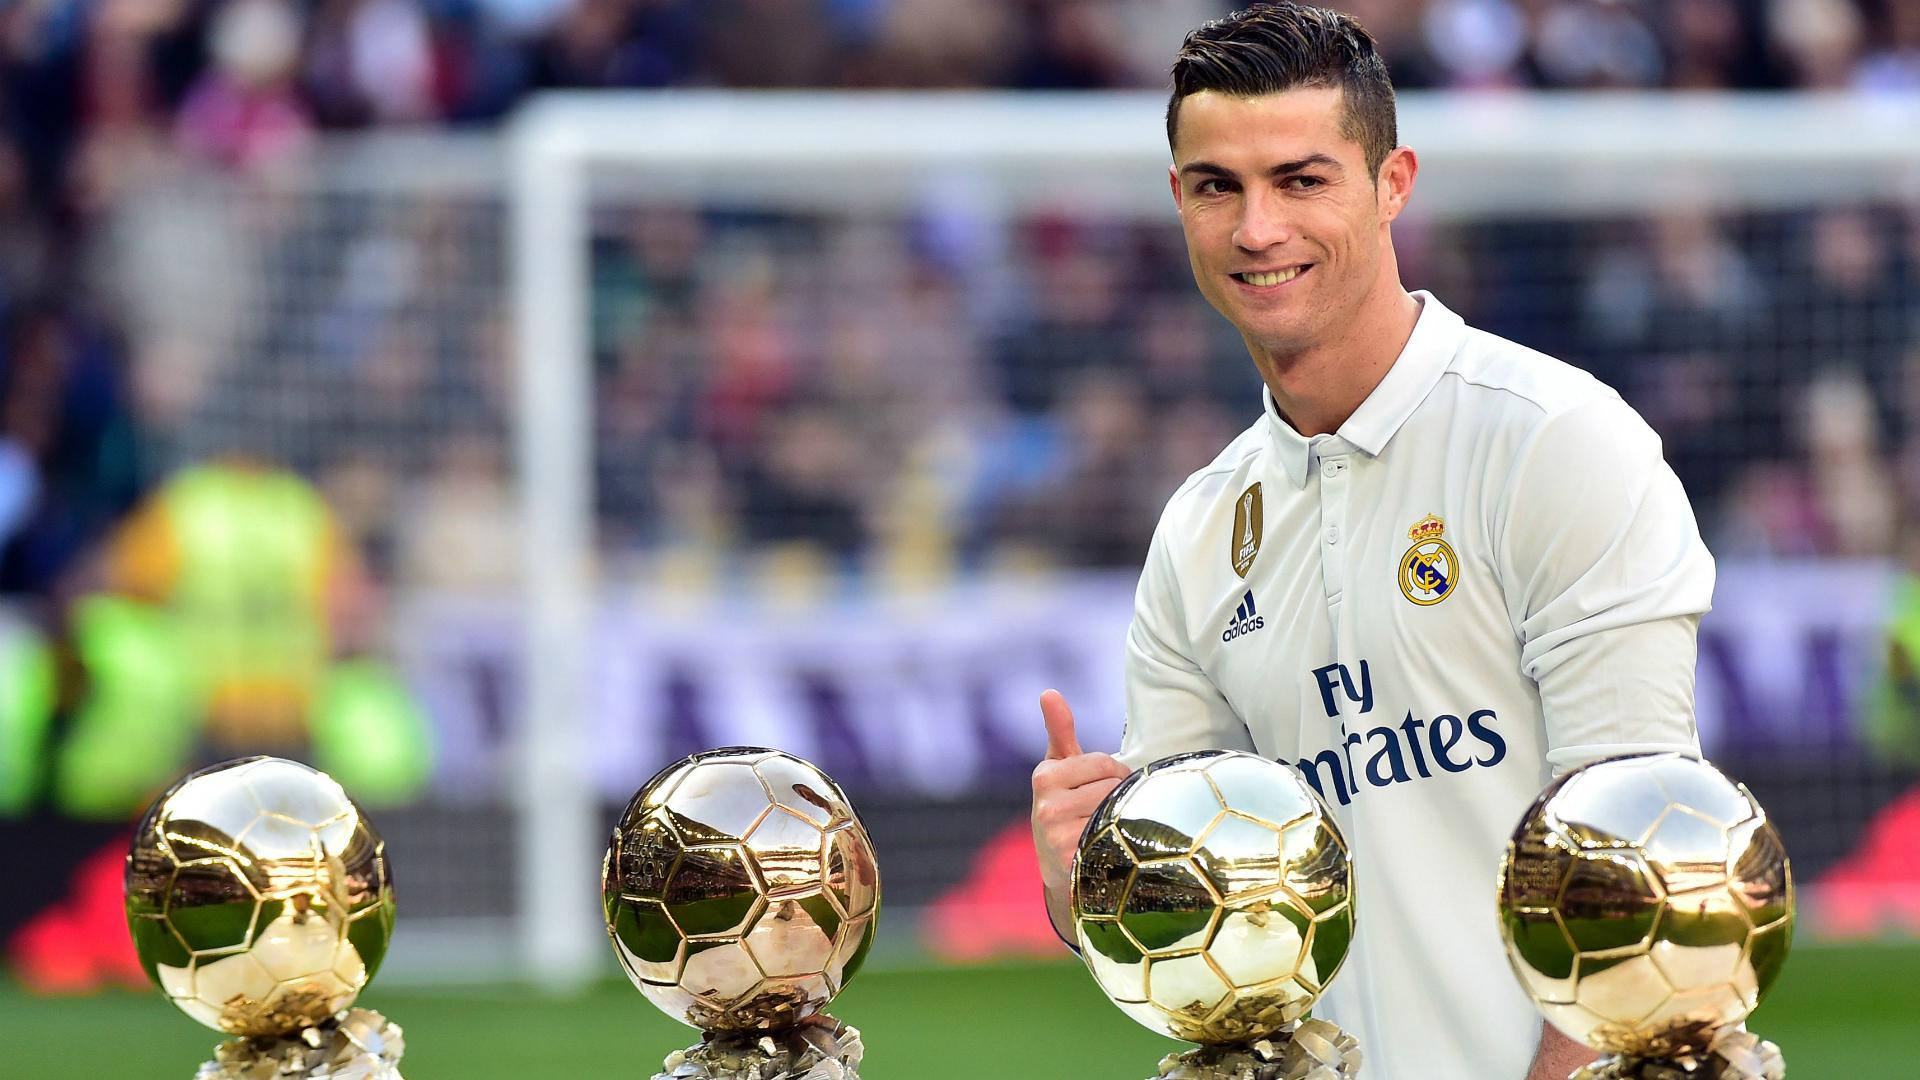 شرط ريال مدريد للسماح برحيل رونالدو؟